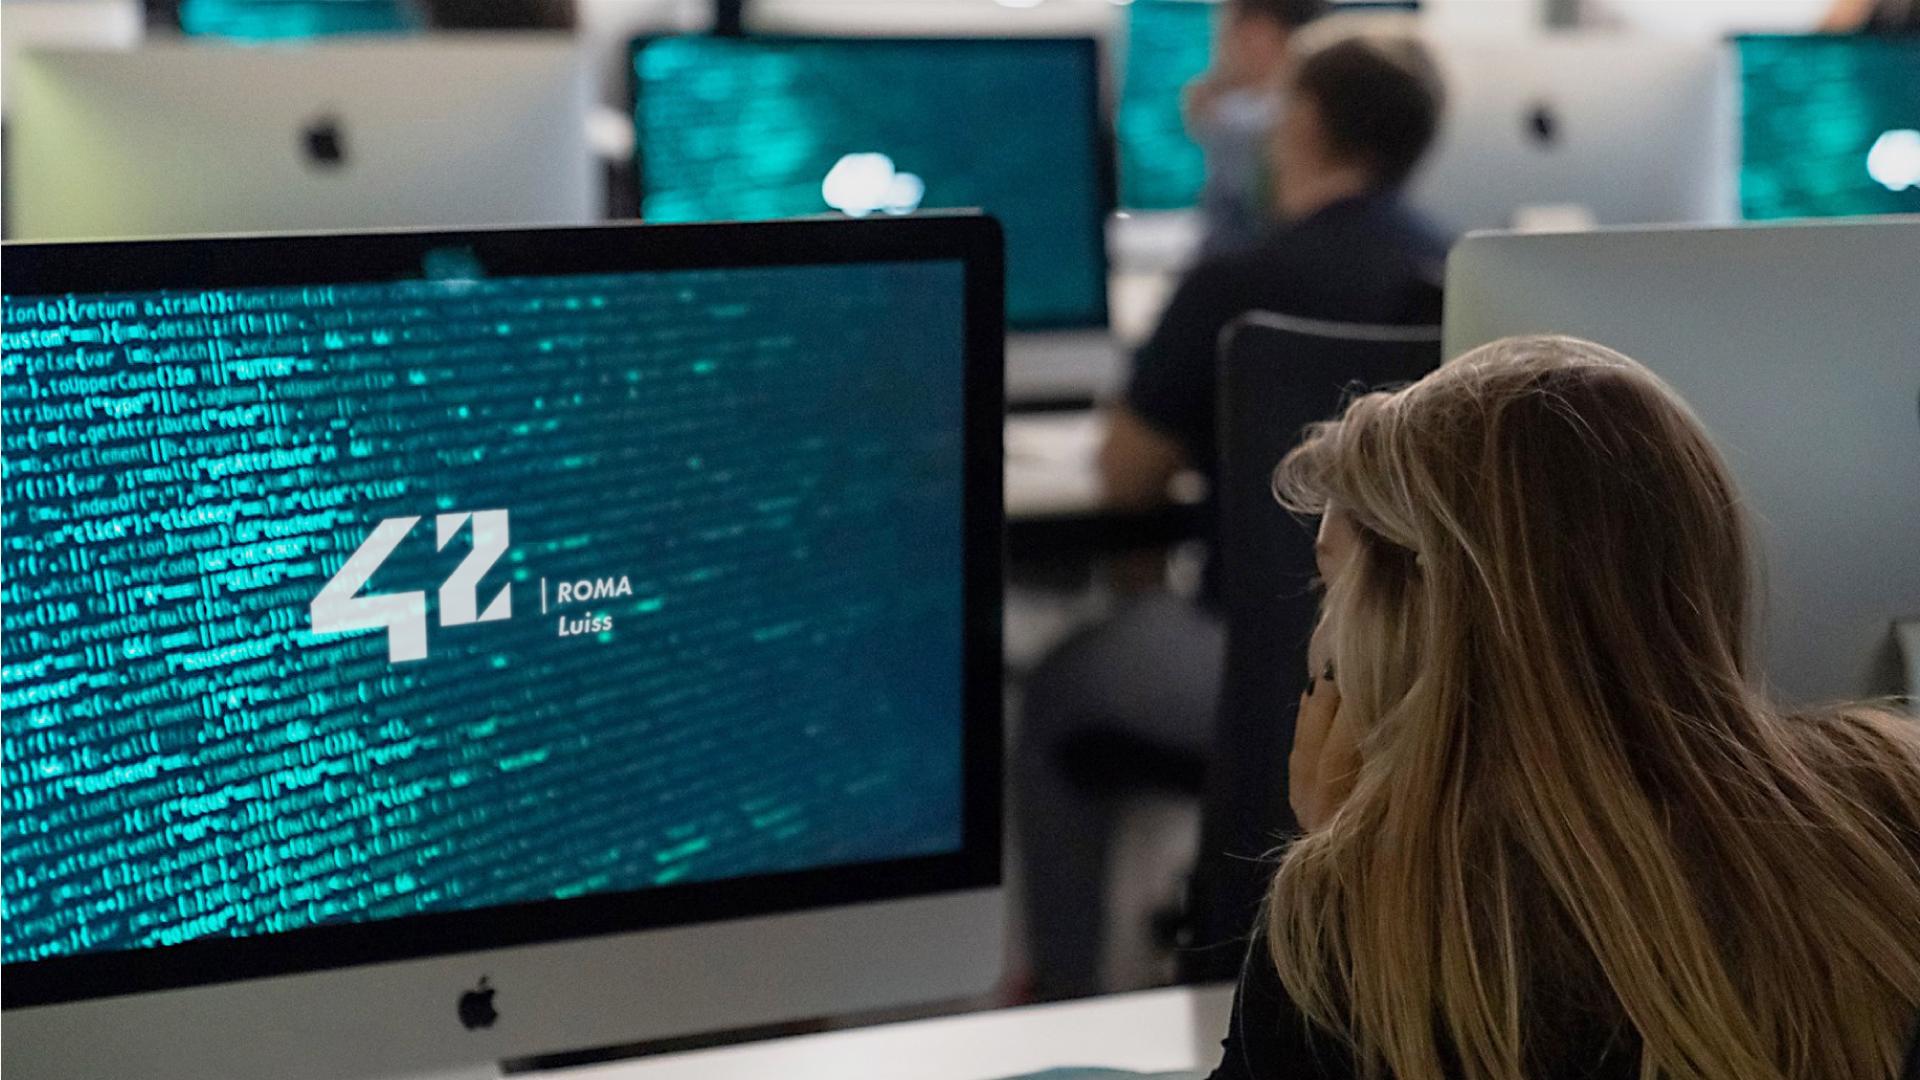 L'utilizzo di Twitch per la campagna iscrizioni 2020-2021 di 42 Roma Luiss